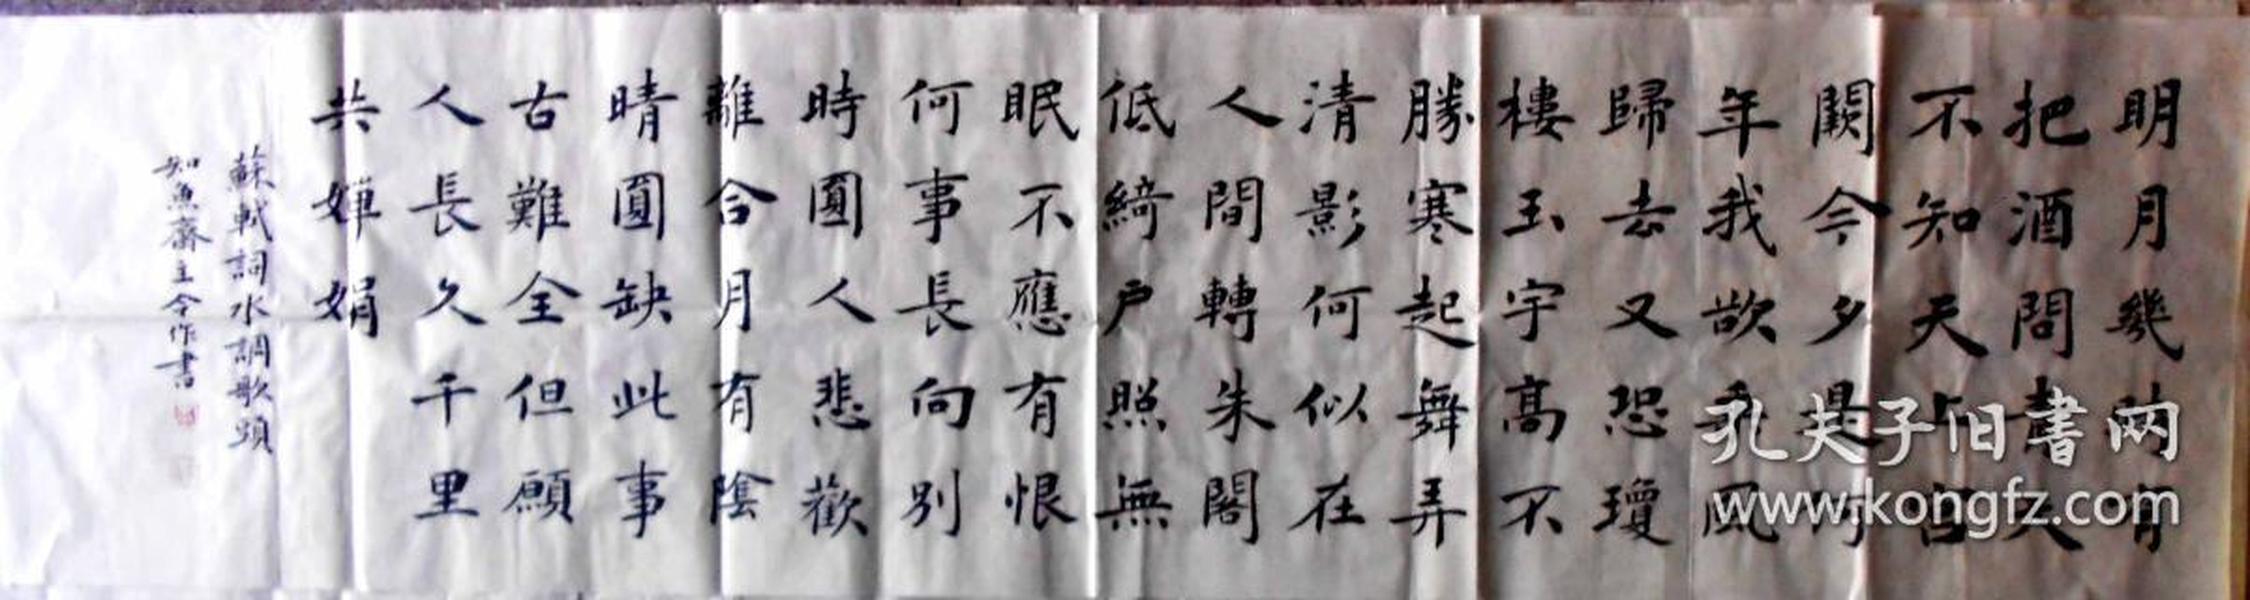 中书协会员、河北书协楷书委员孟令作四尺对开书法真迹 明月几时有